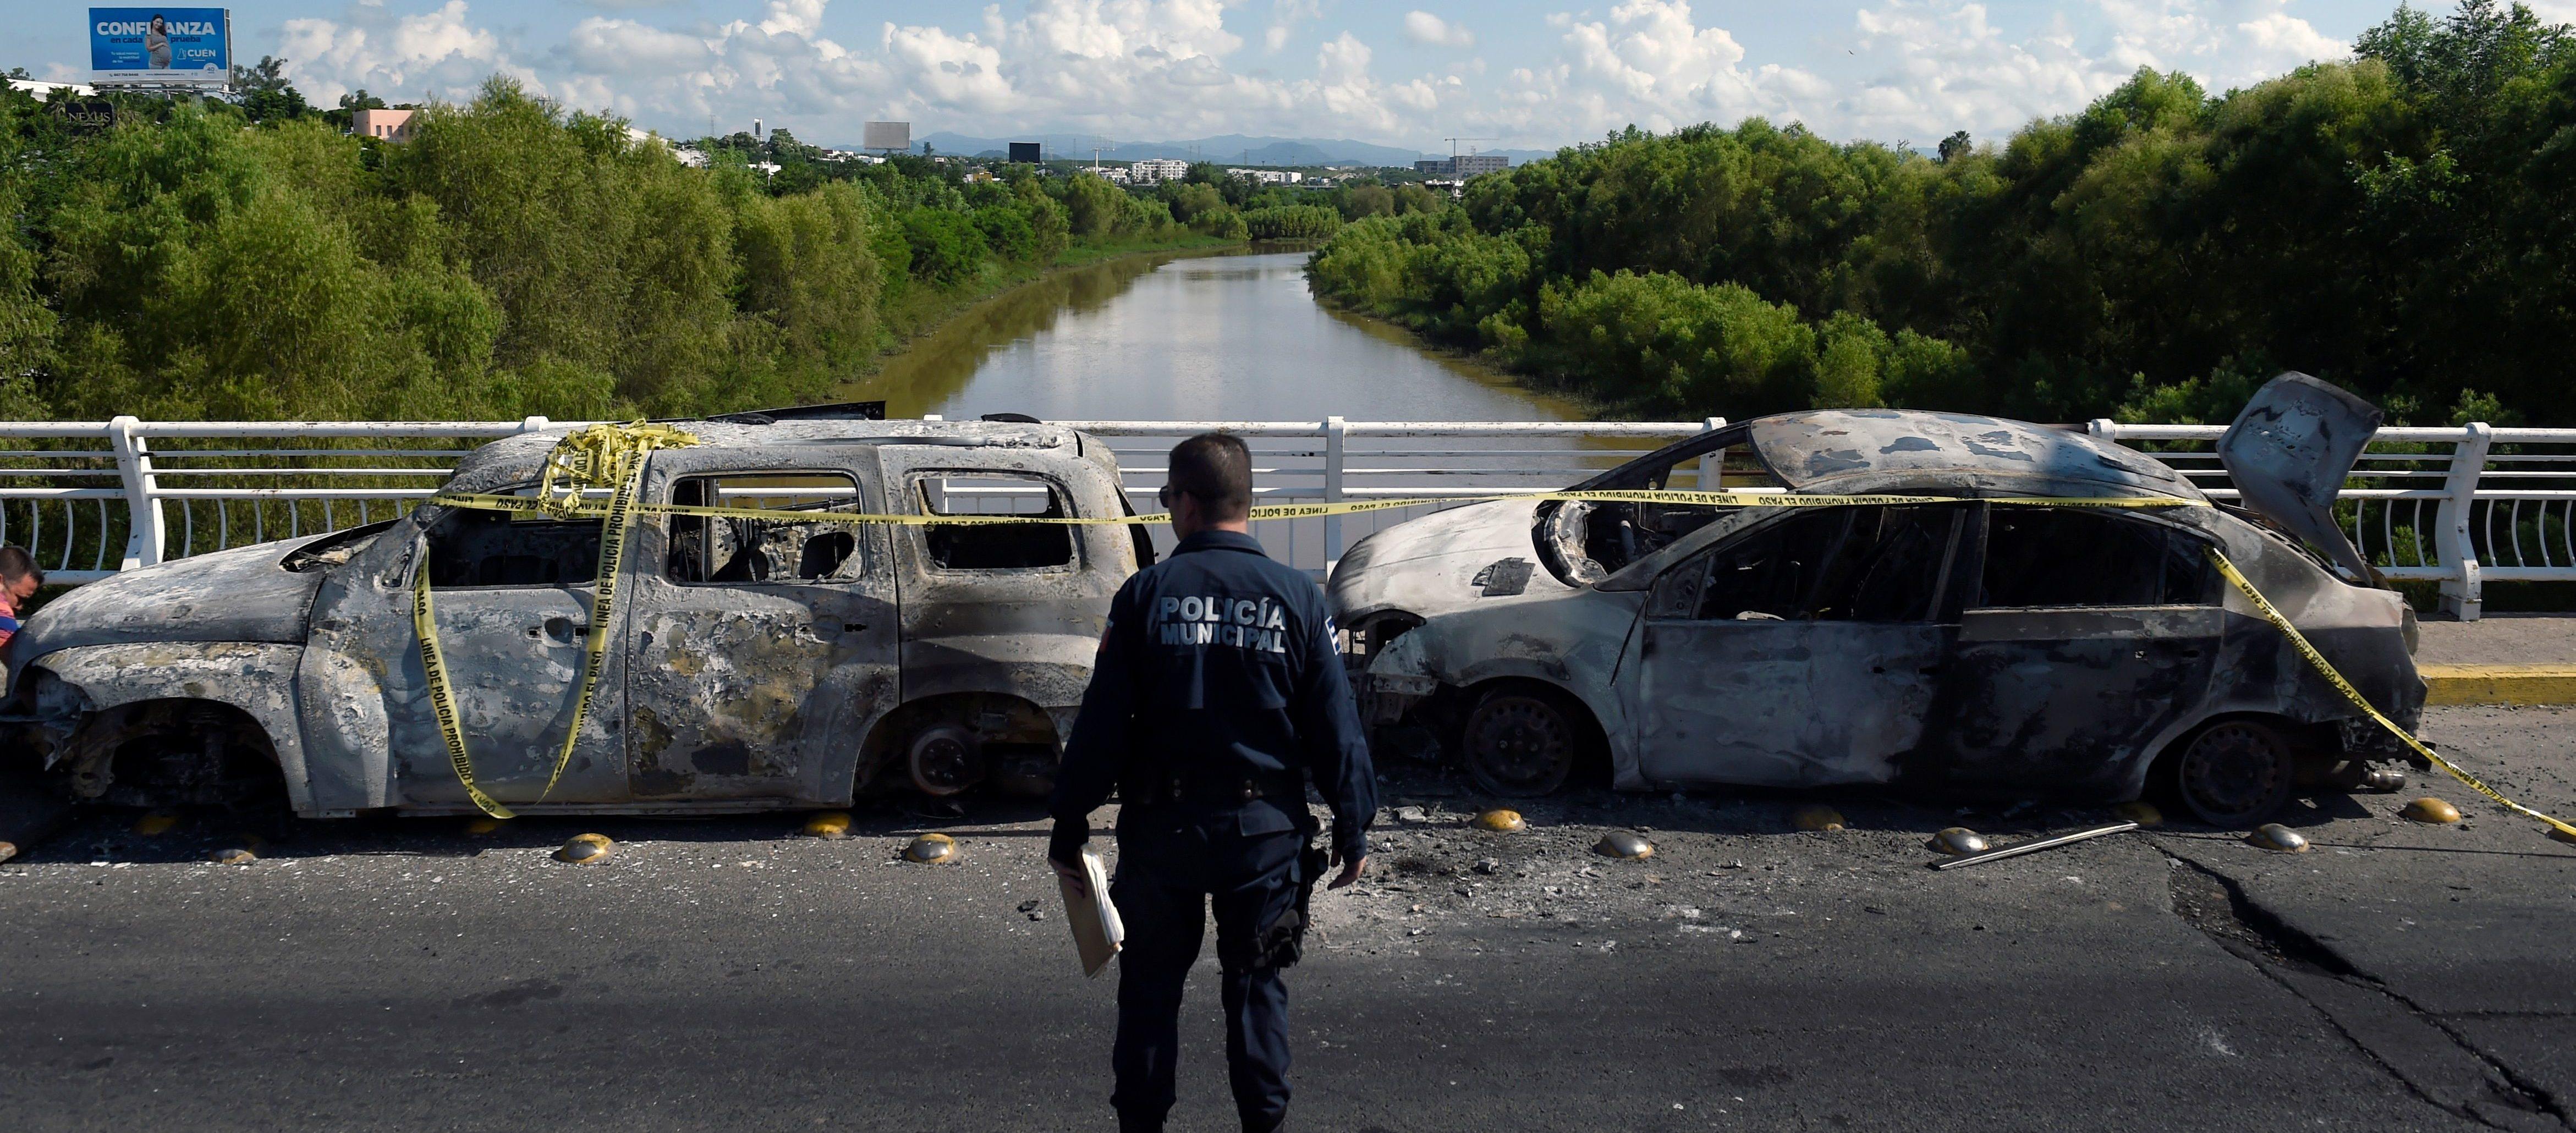 TOPSHOT-MEXICO-CRIME-UNREST-DRUGS-GUZMAN